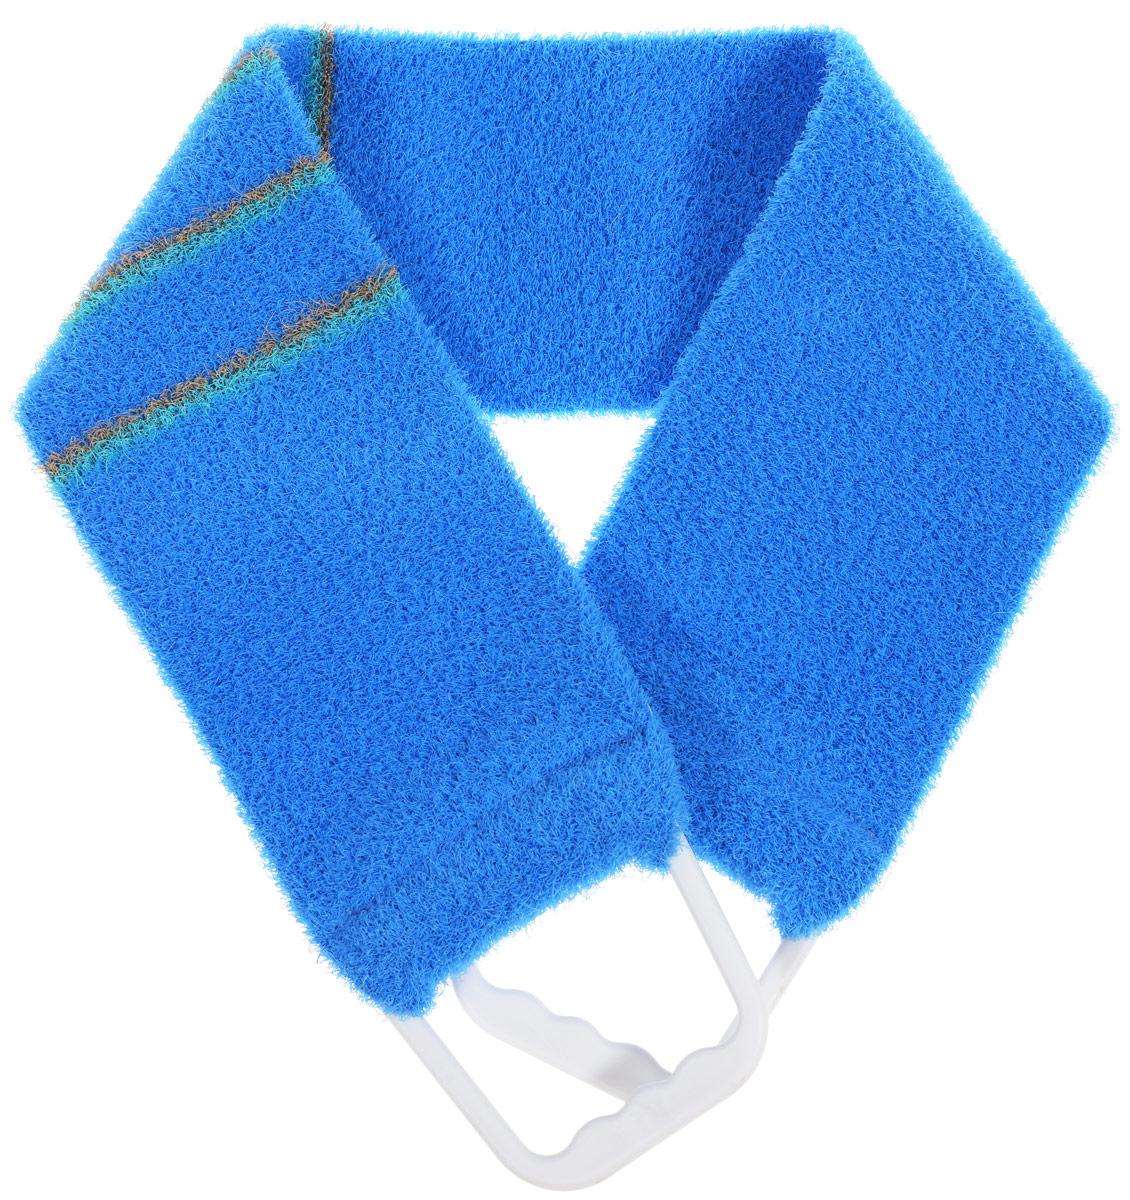 Мочалка-пояс массажная Riffi, жесткая, цвет: синий, 80 х 11 см riffi мочалка рукавица массажная двухсторонняя цвет синий бирюзовый 407